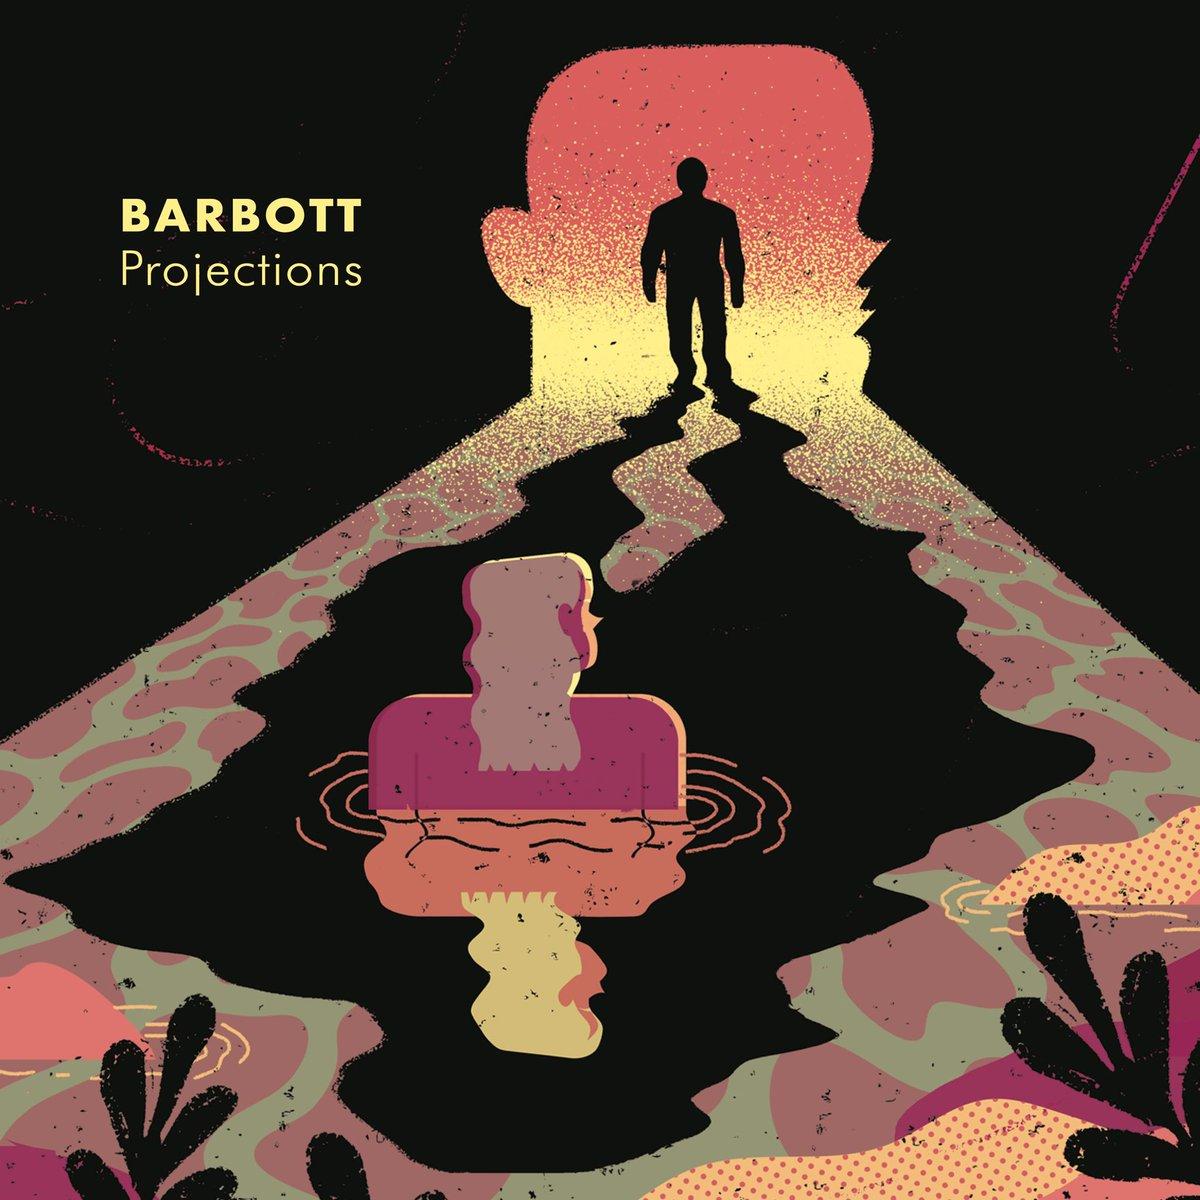 Todo lo que nos queda por aprender de Barbott